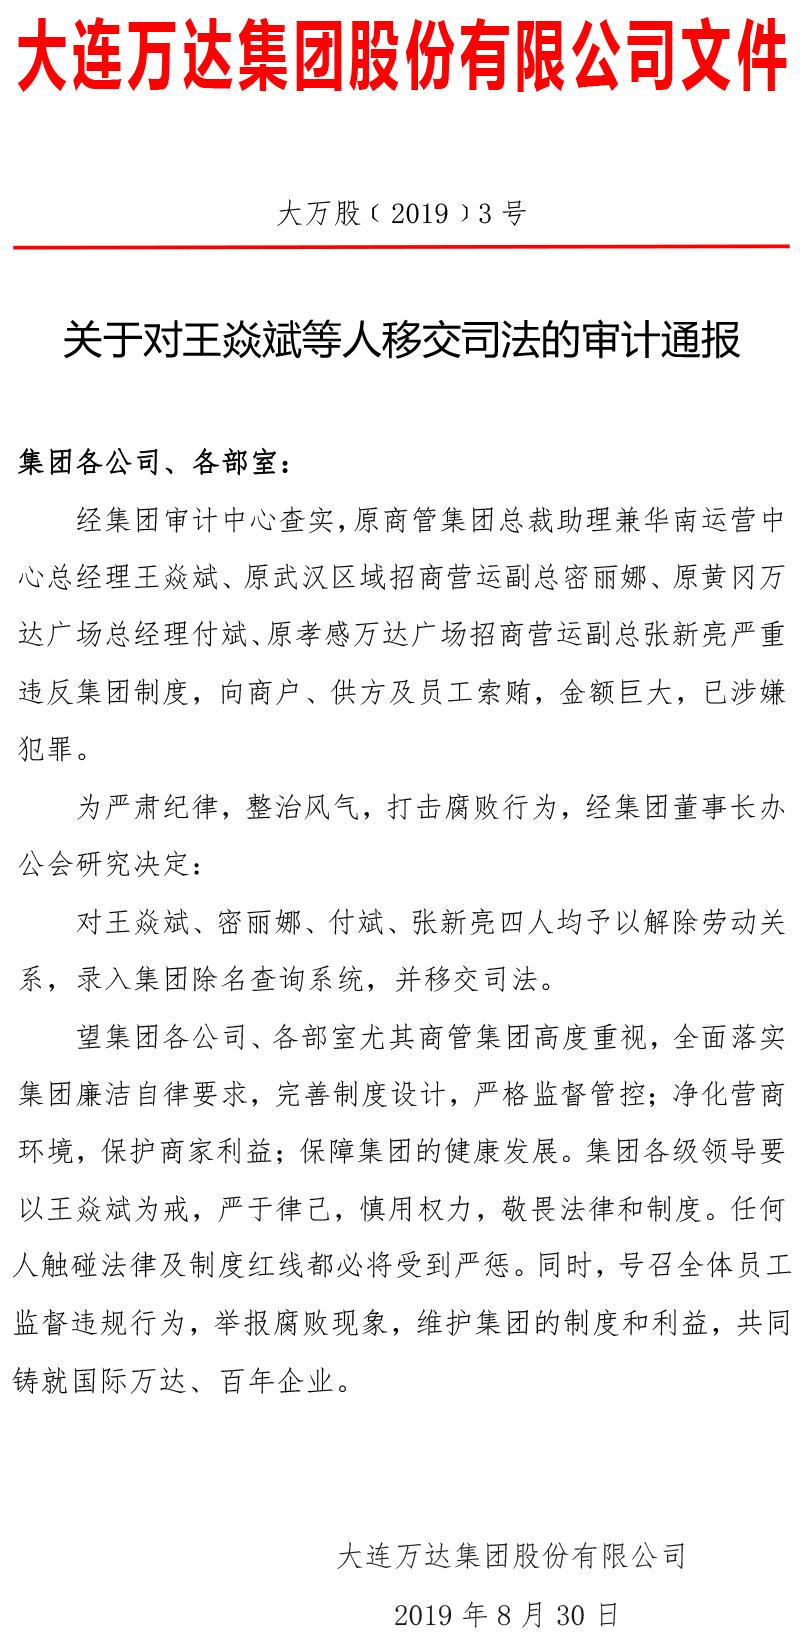 威尼斯官网召开廉洁自律警示教育大会